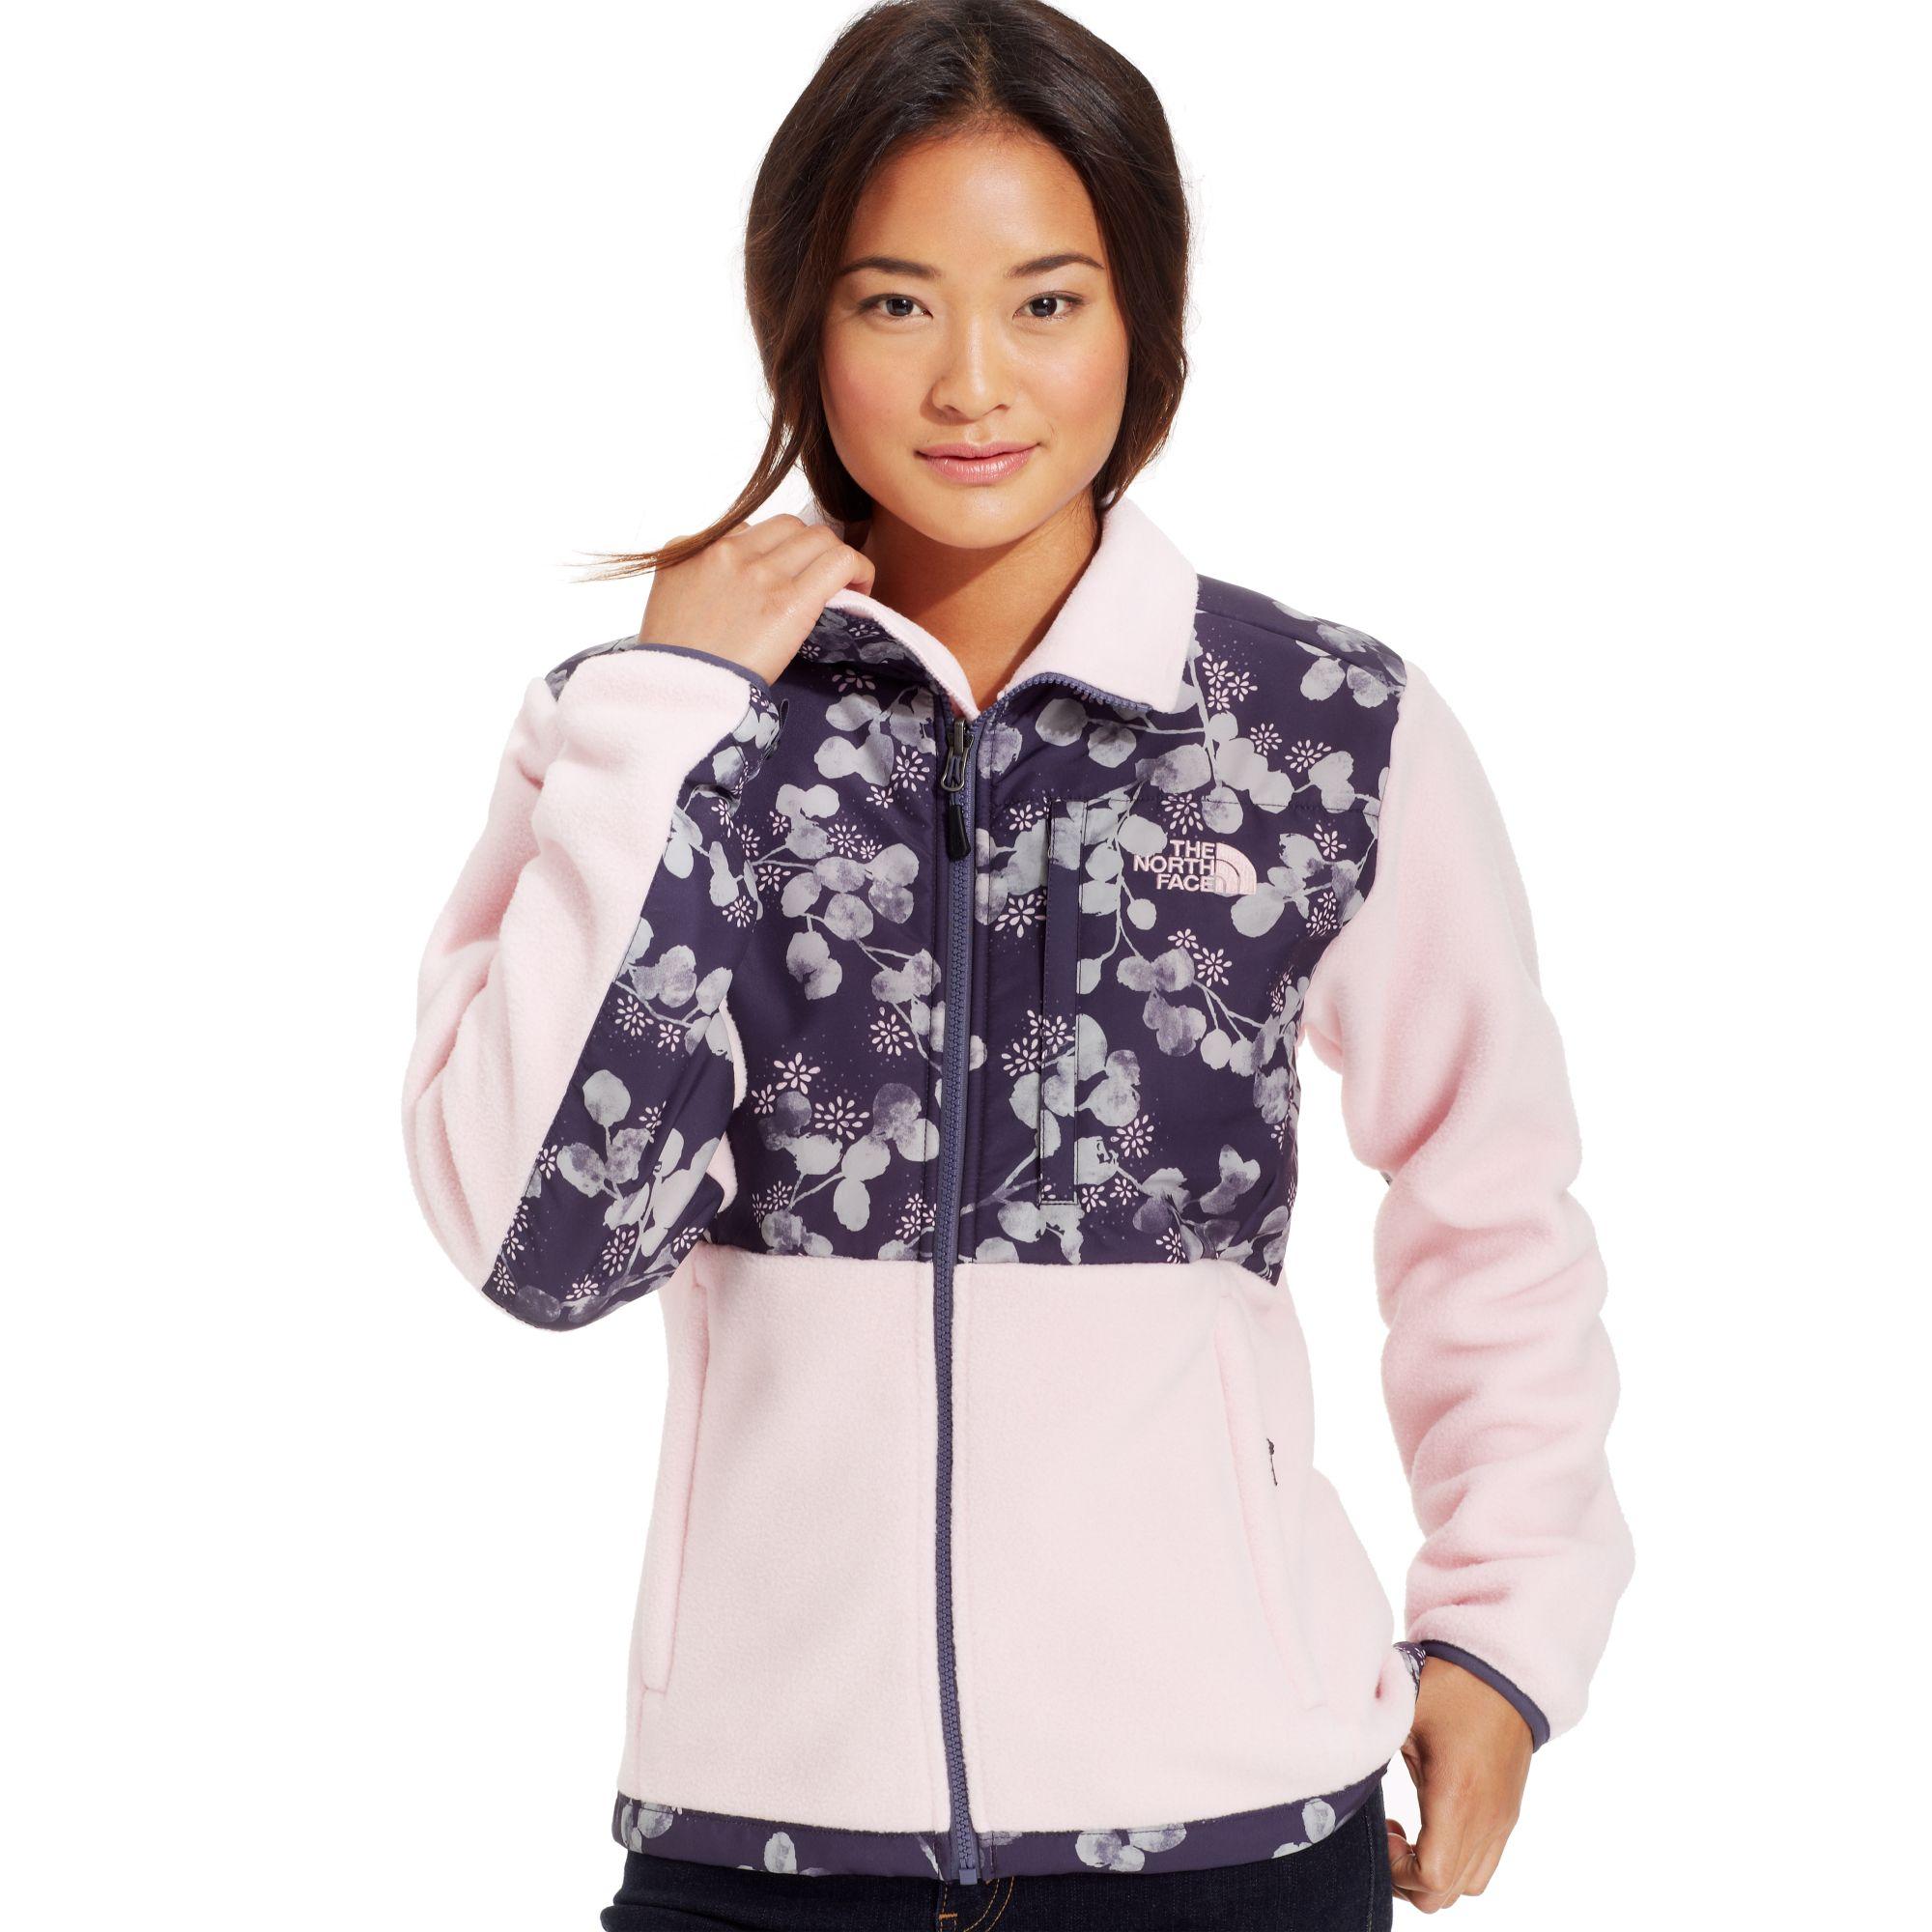 9dd712e76bd1 ... jacket f03f6 dc03b  usa lyst the north face denali printed fleece in  purple 859bf 81dda